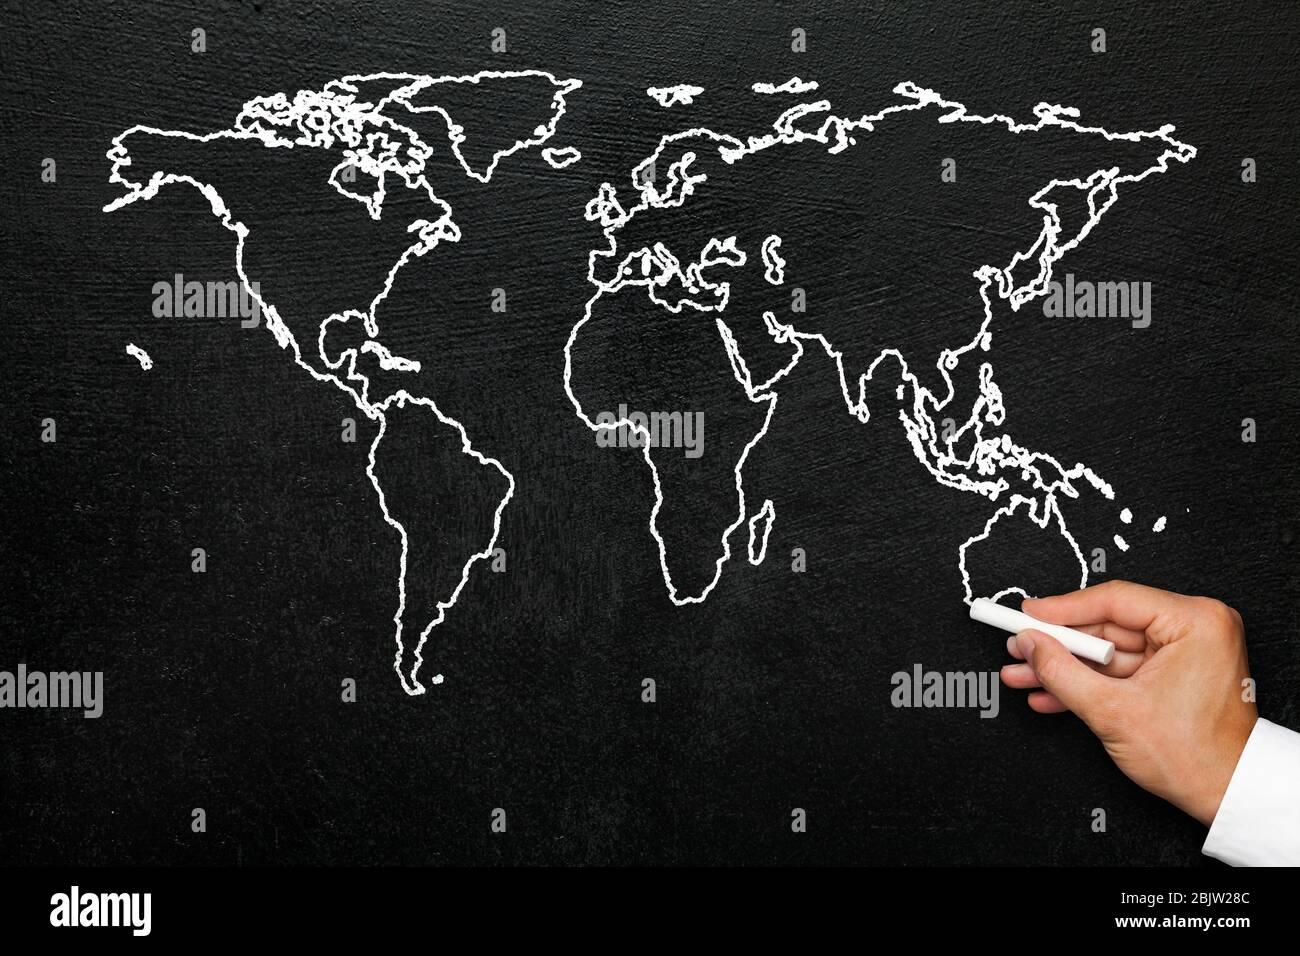 Cartina Geografica Del Mondo In Bianco E Nero.Mappa Stilizzata Europa Immagini E Fotos Stock Alamy